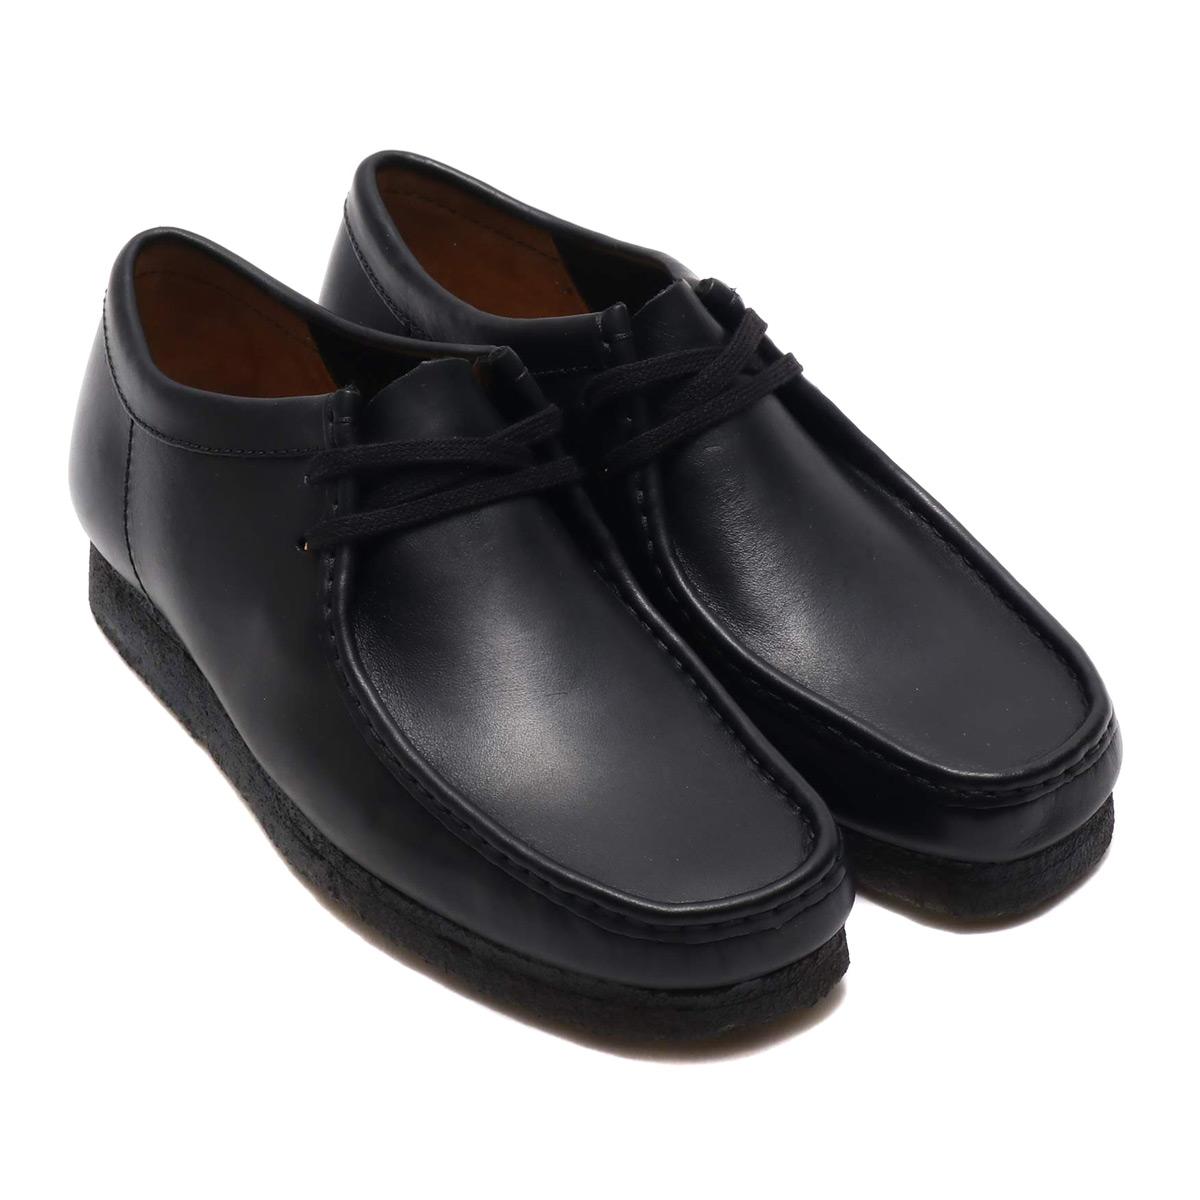 Clarks Wallabee (クラークス ワラビー)Black Leather【メンズ ブーツ】18FW-I